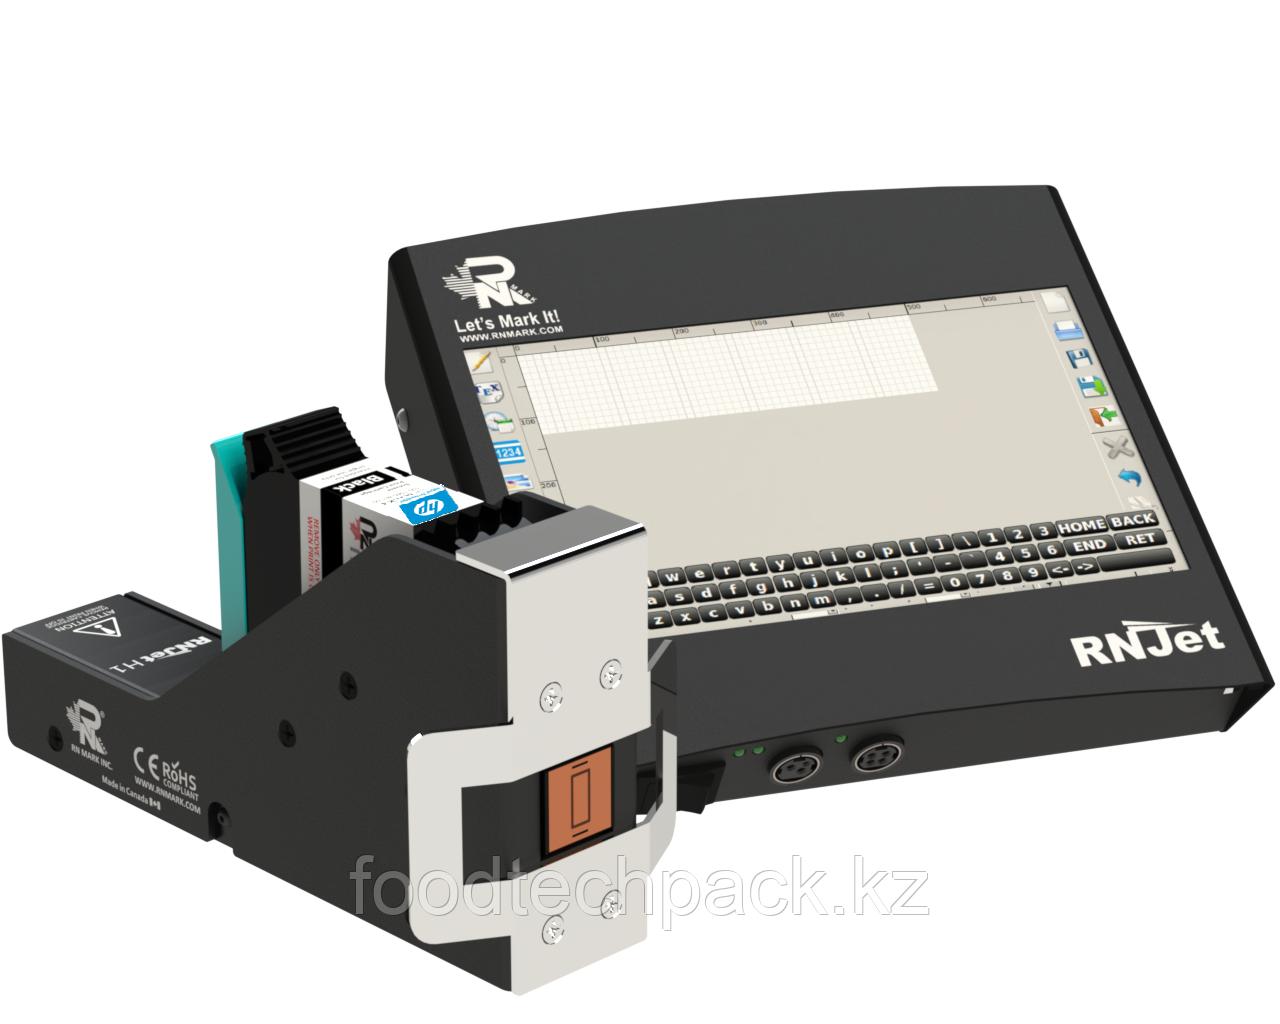 Мелкосимвольный термоструйный принтер высокого разрешения RN Jet H1 (печать информации до 12,7 мм)